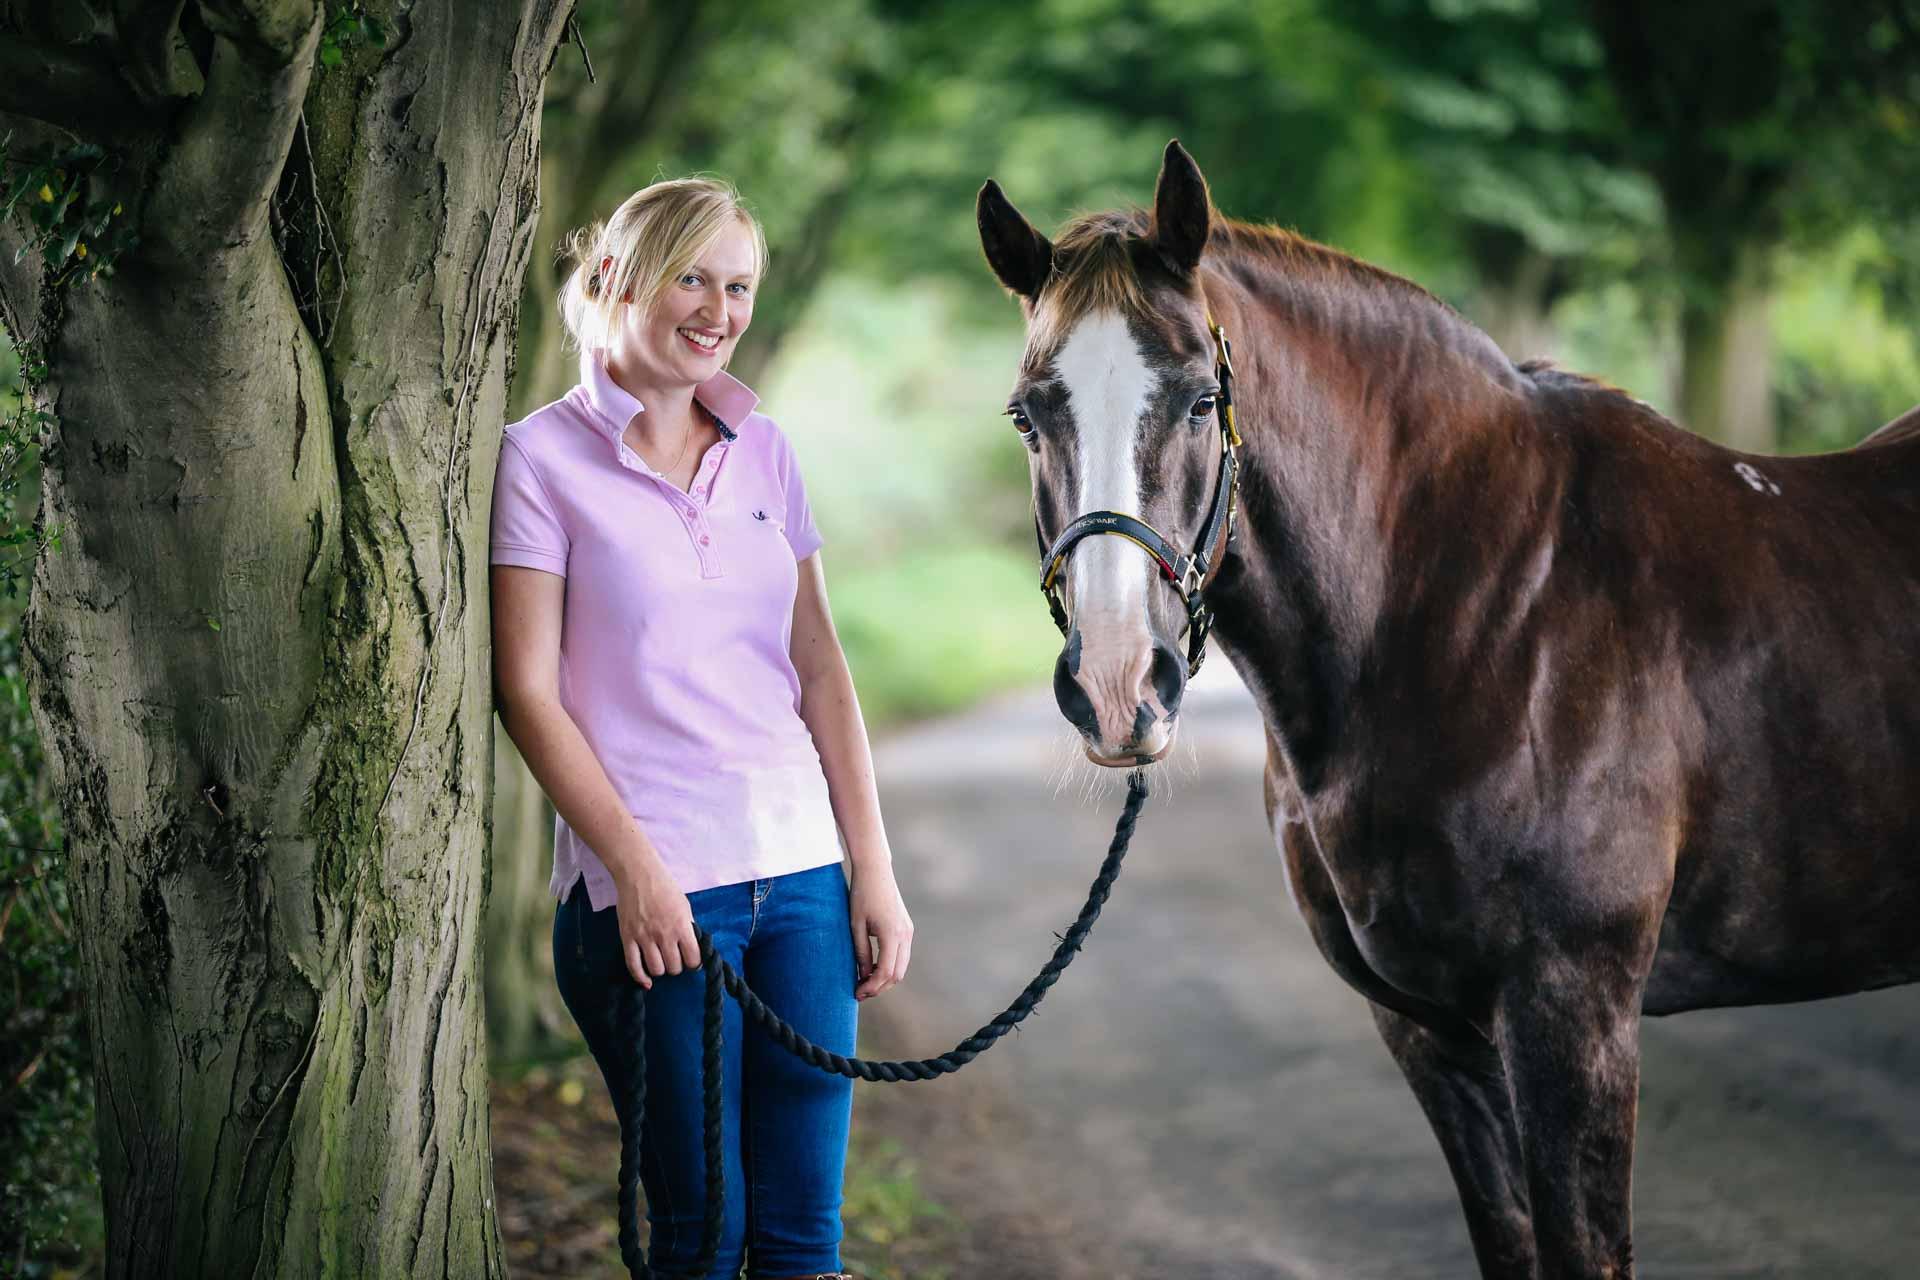 Equine Portrait at Home - Horse Portraits